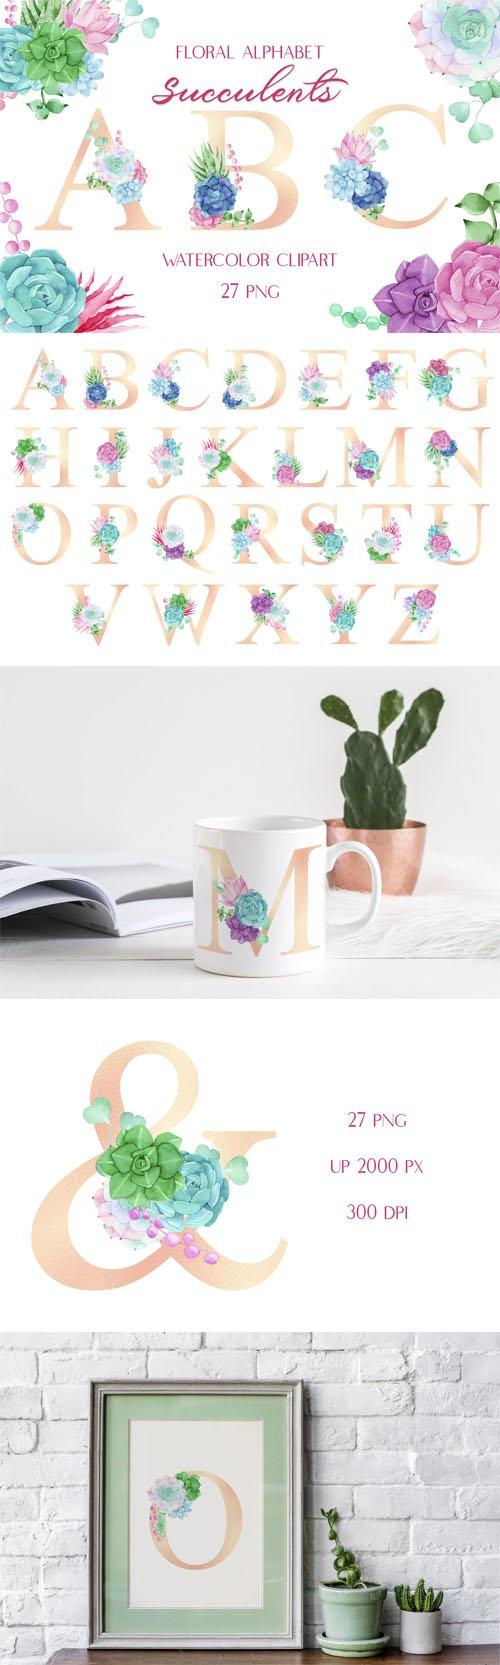 Watercolor Clipart - Floral Alphabet Succulents